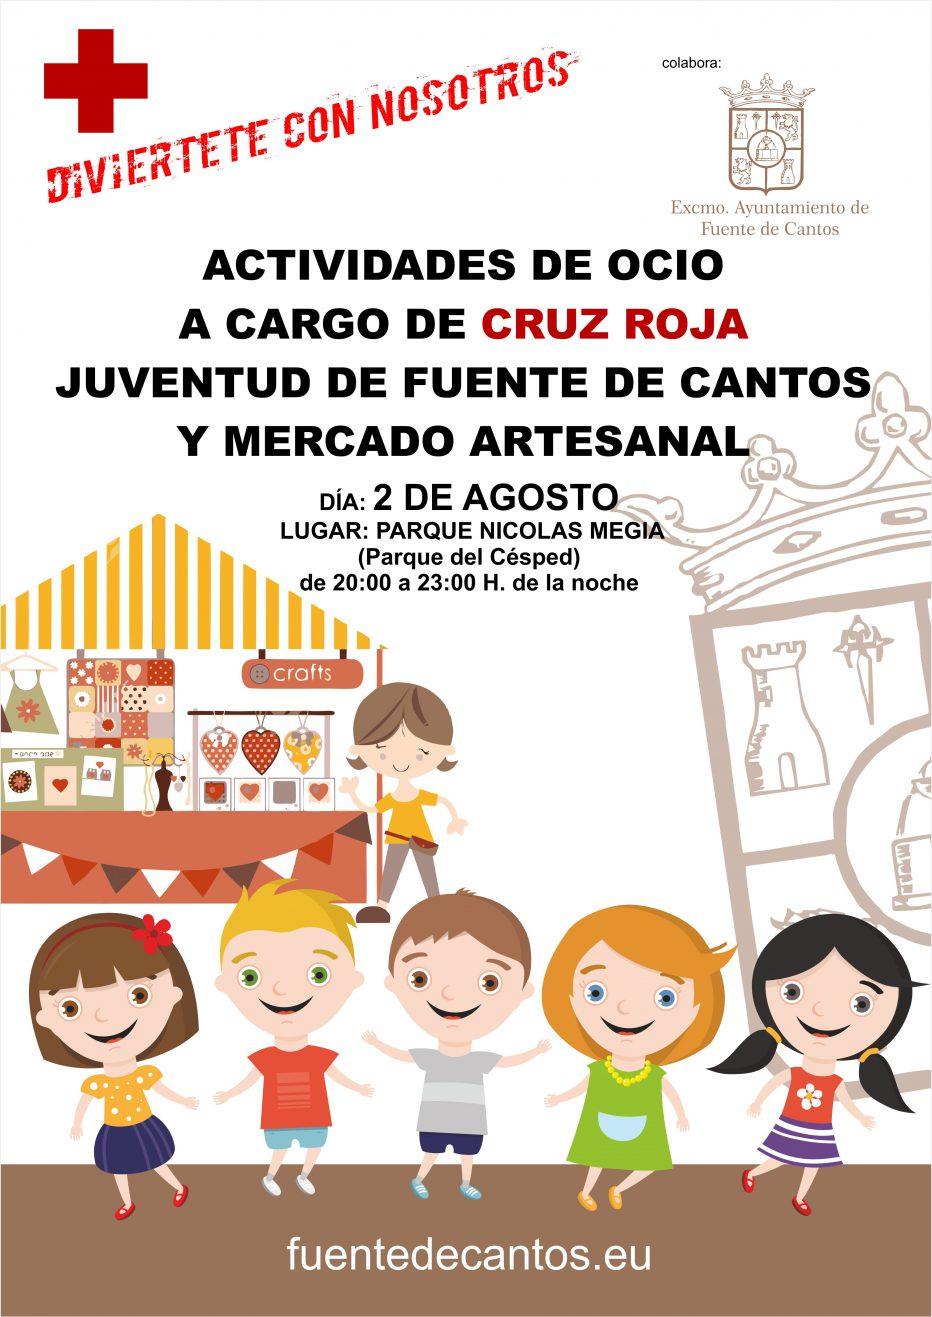 Actividades de Ocio a cargo de Cruz Roja – 2 de Agosto